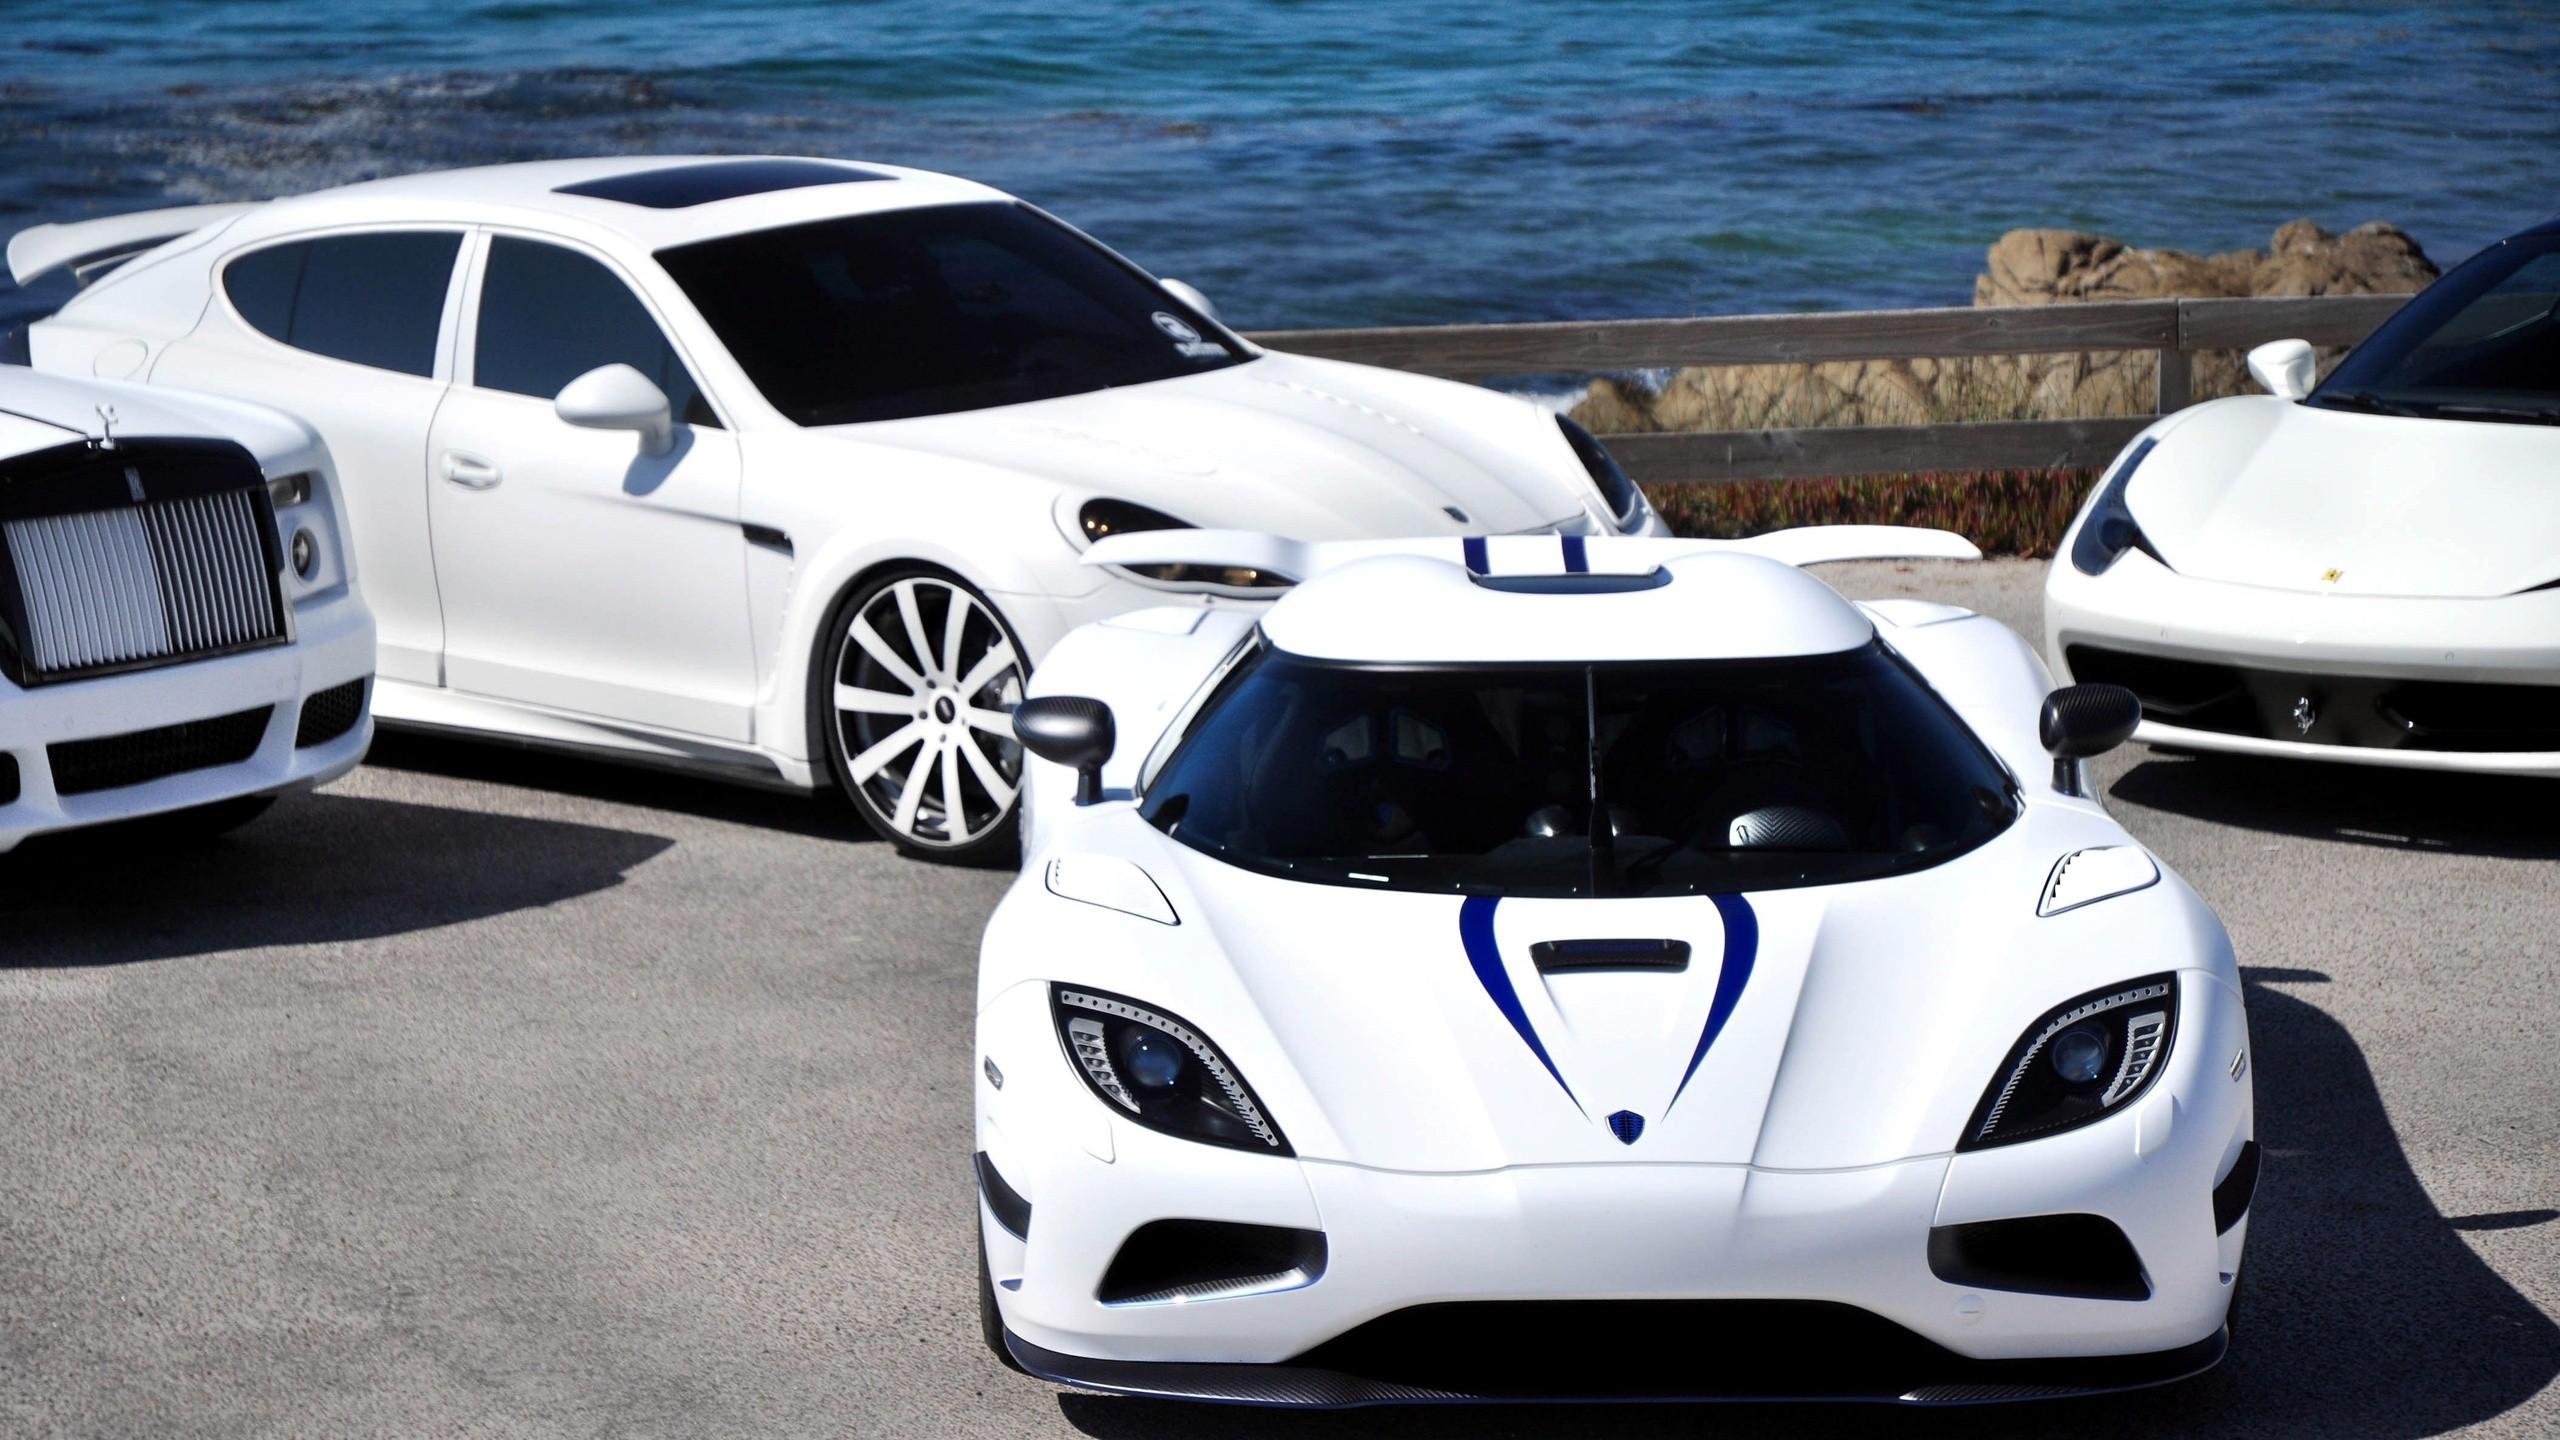 Wallpaper 2560x1440 Px Car Ferrari Luxury Cars Porsche Rolls